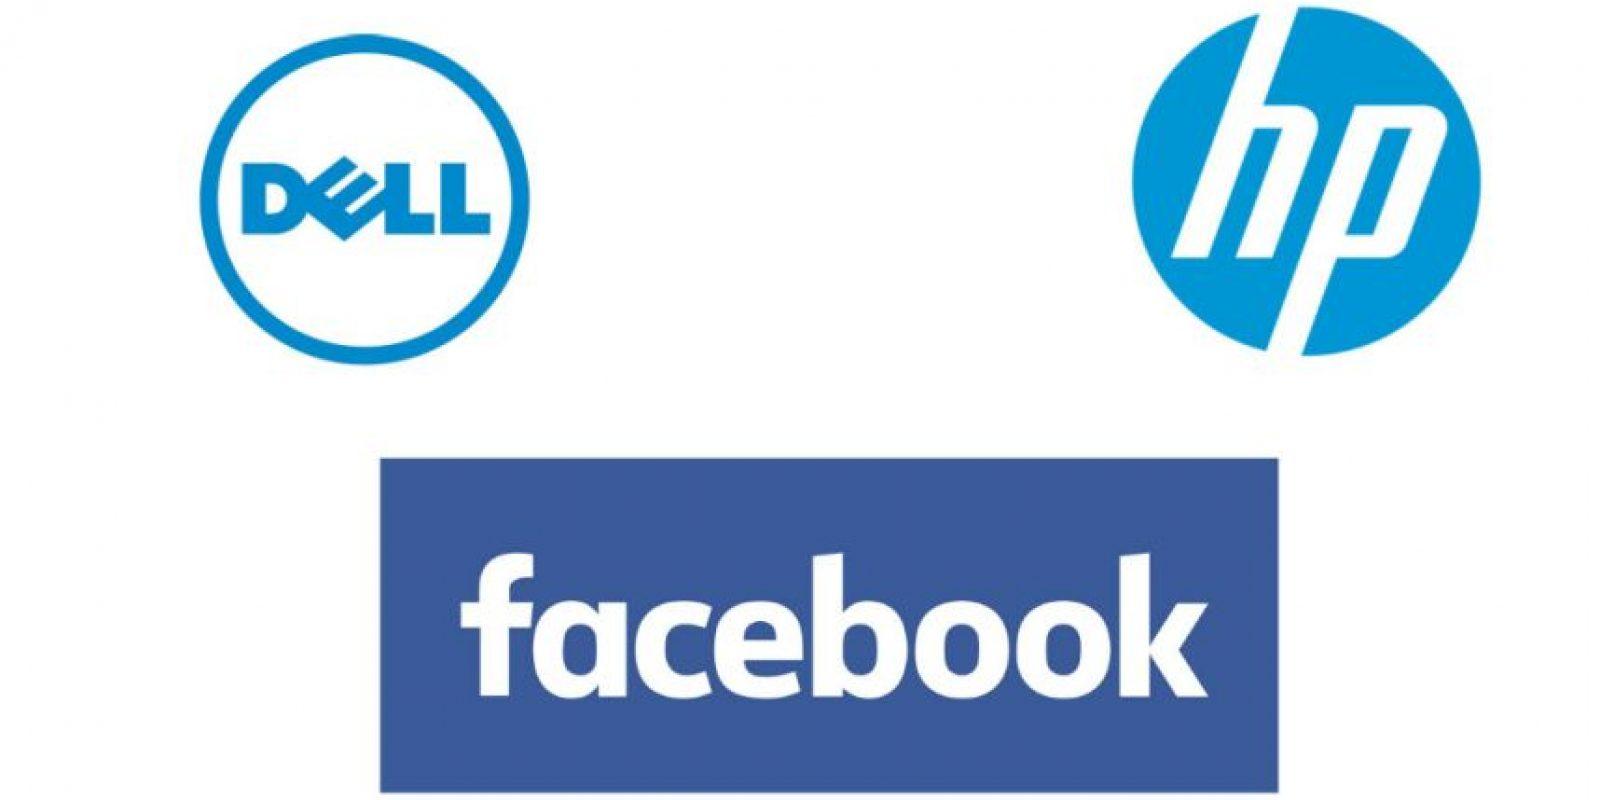 Estas son las empresas que más gastan. Foto:Dell / HP / Facebook